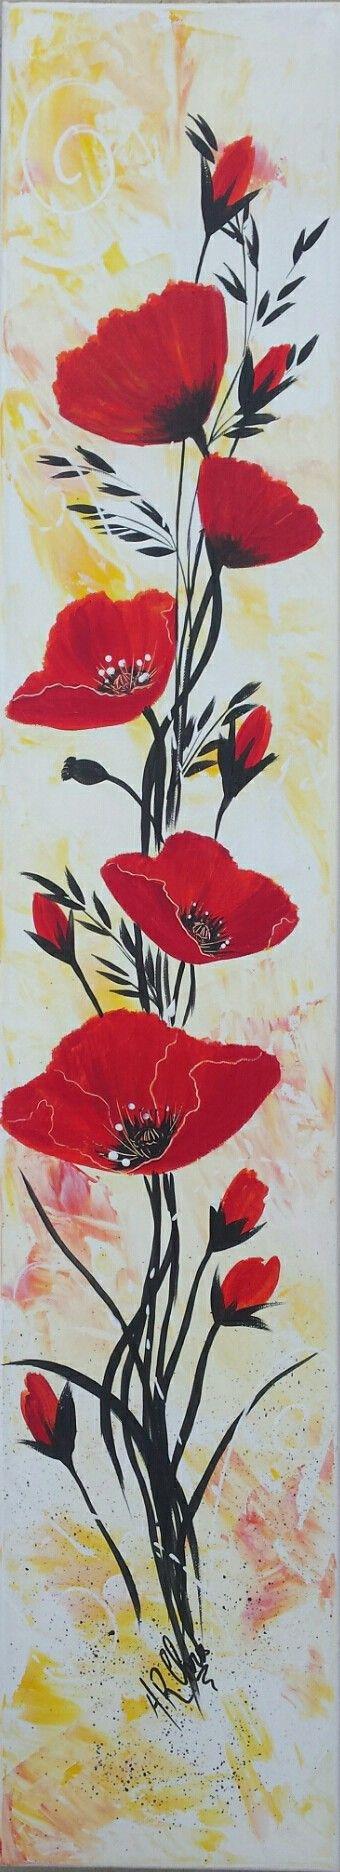 Peinture acrylique sur toile 15x80 By Raffin Christine Facebook : L'étoile de Chris